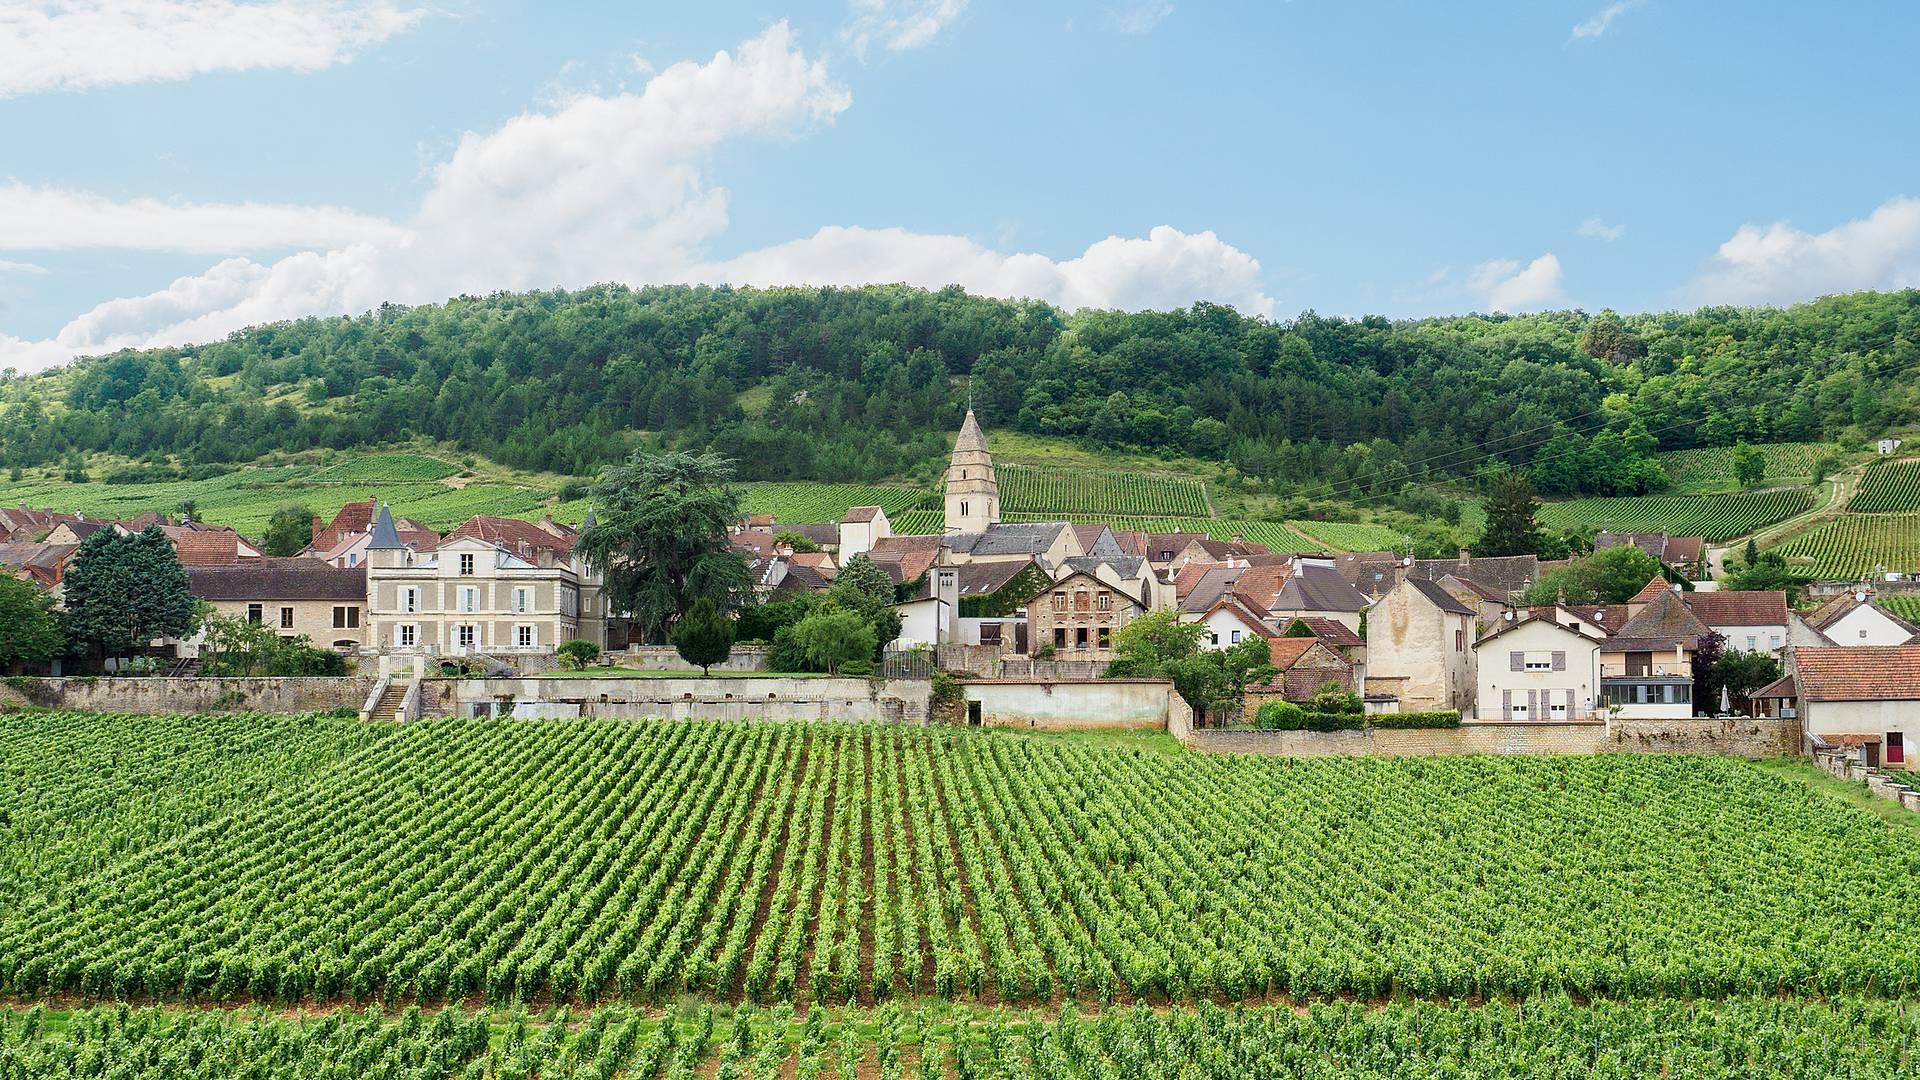 Randonnée à vélo en Bourgogne du Sud, entre vignobles et patrimoine